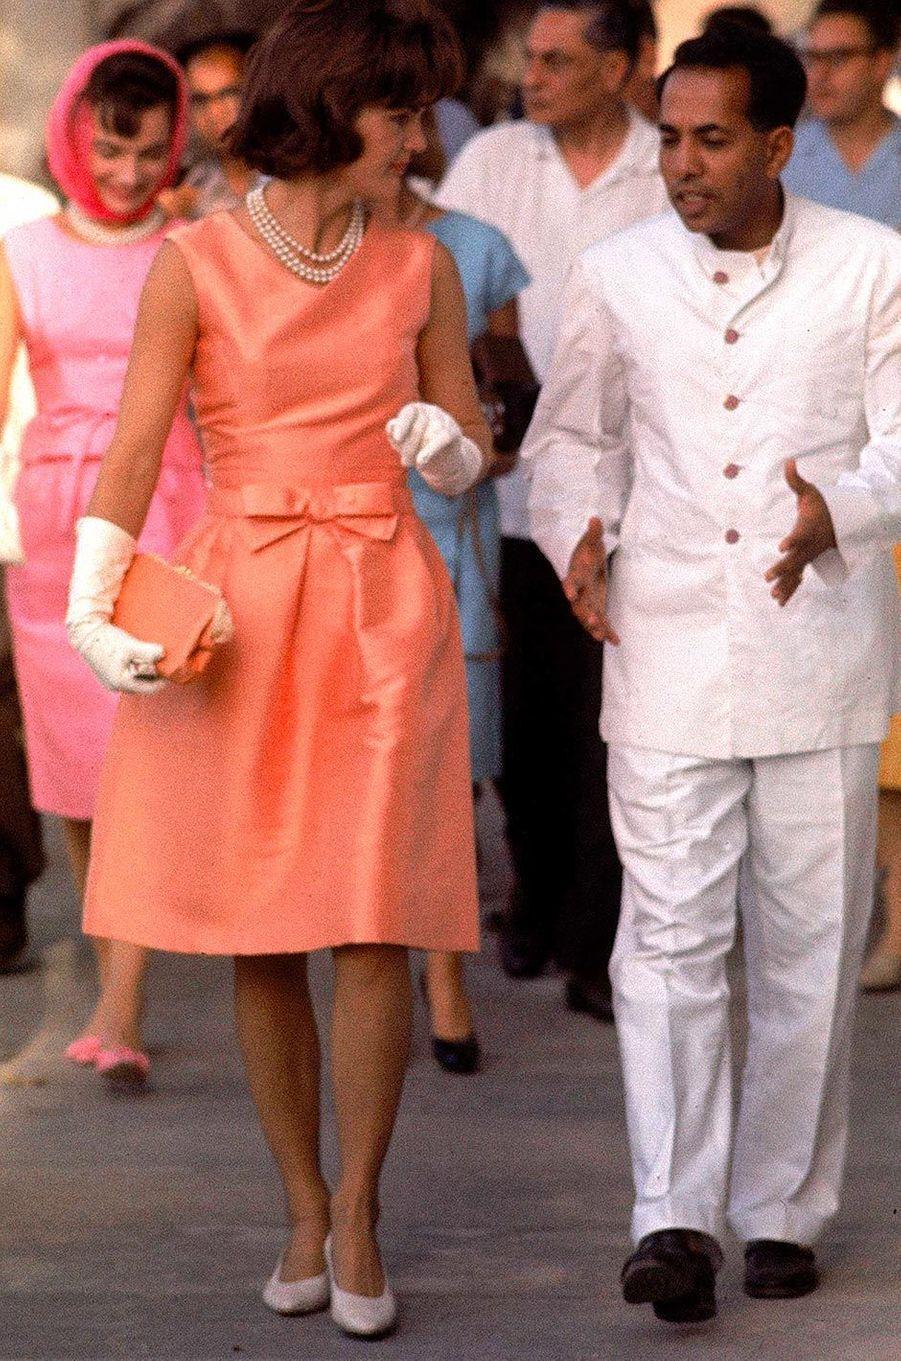 En corsaire et sandalettes plates à Saint-Tropez, en robe d'après-midi assortie aux tons orangés de l'Inde où elle est en visite, avec un postiche en guise de bibi, ou en taffetas grand soir devant son mari bluffé, Jackie Kennedy a créé un style indémodable. Aujourd'hui, les fans de vintage fifties la copient fièrement.